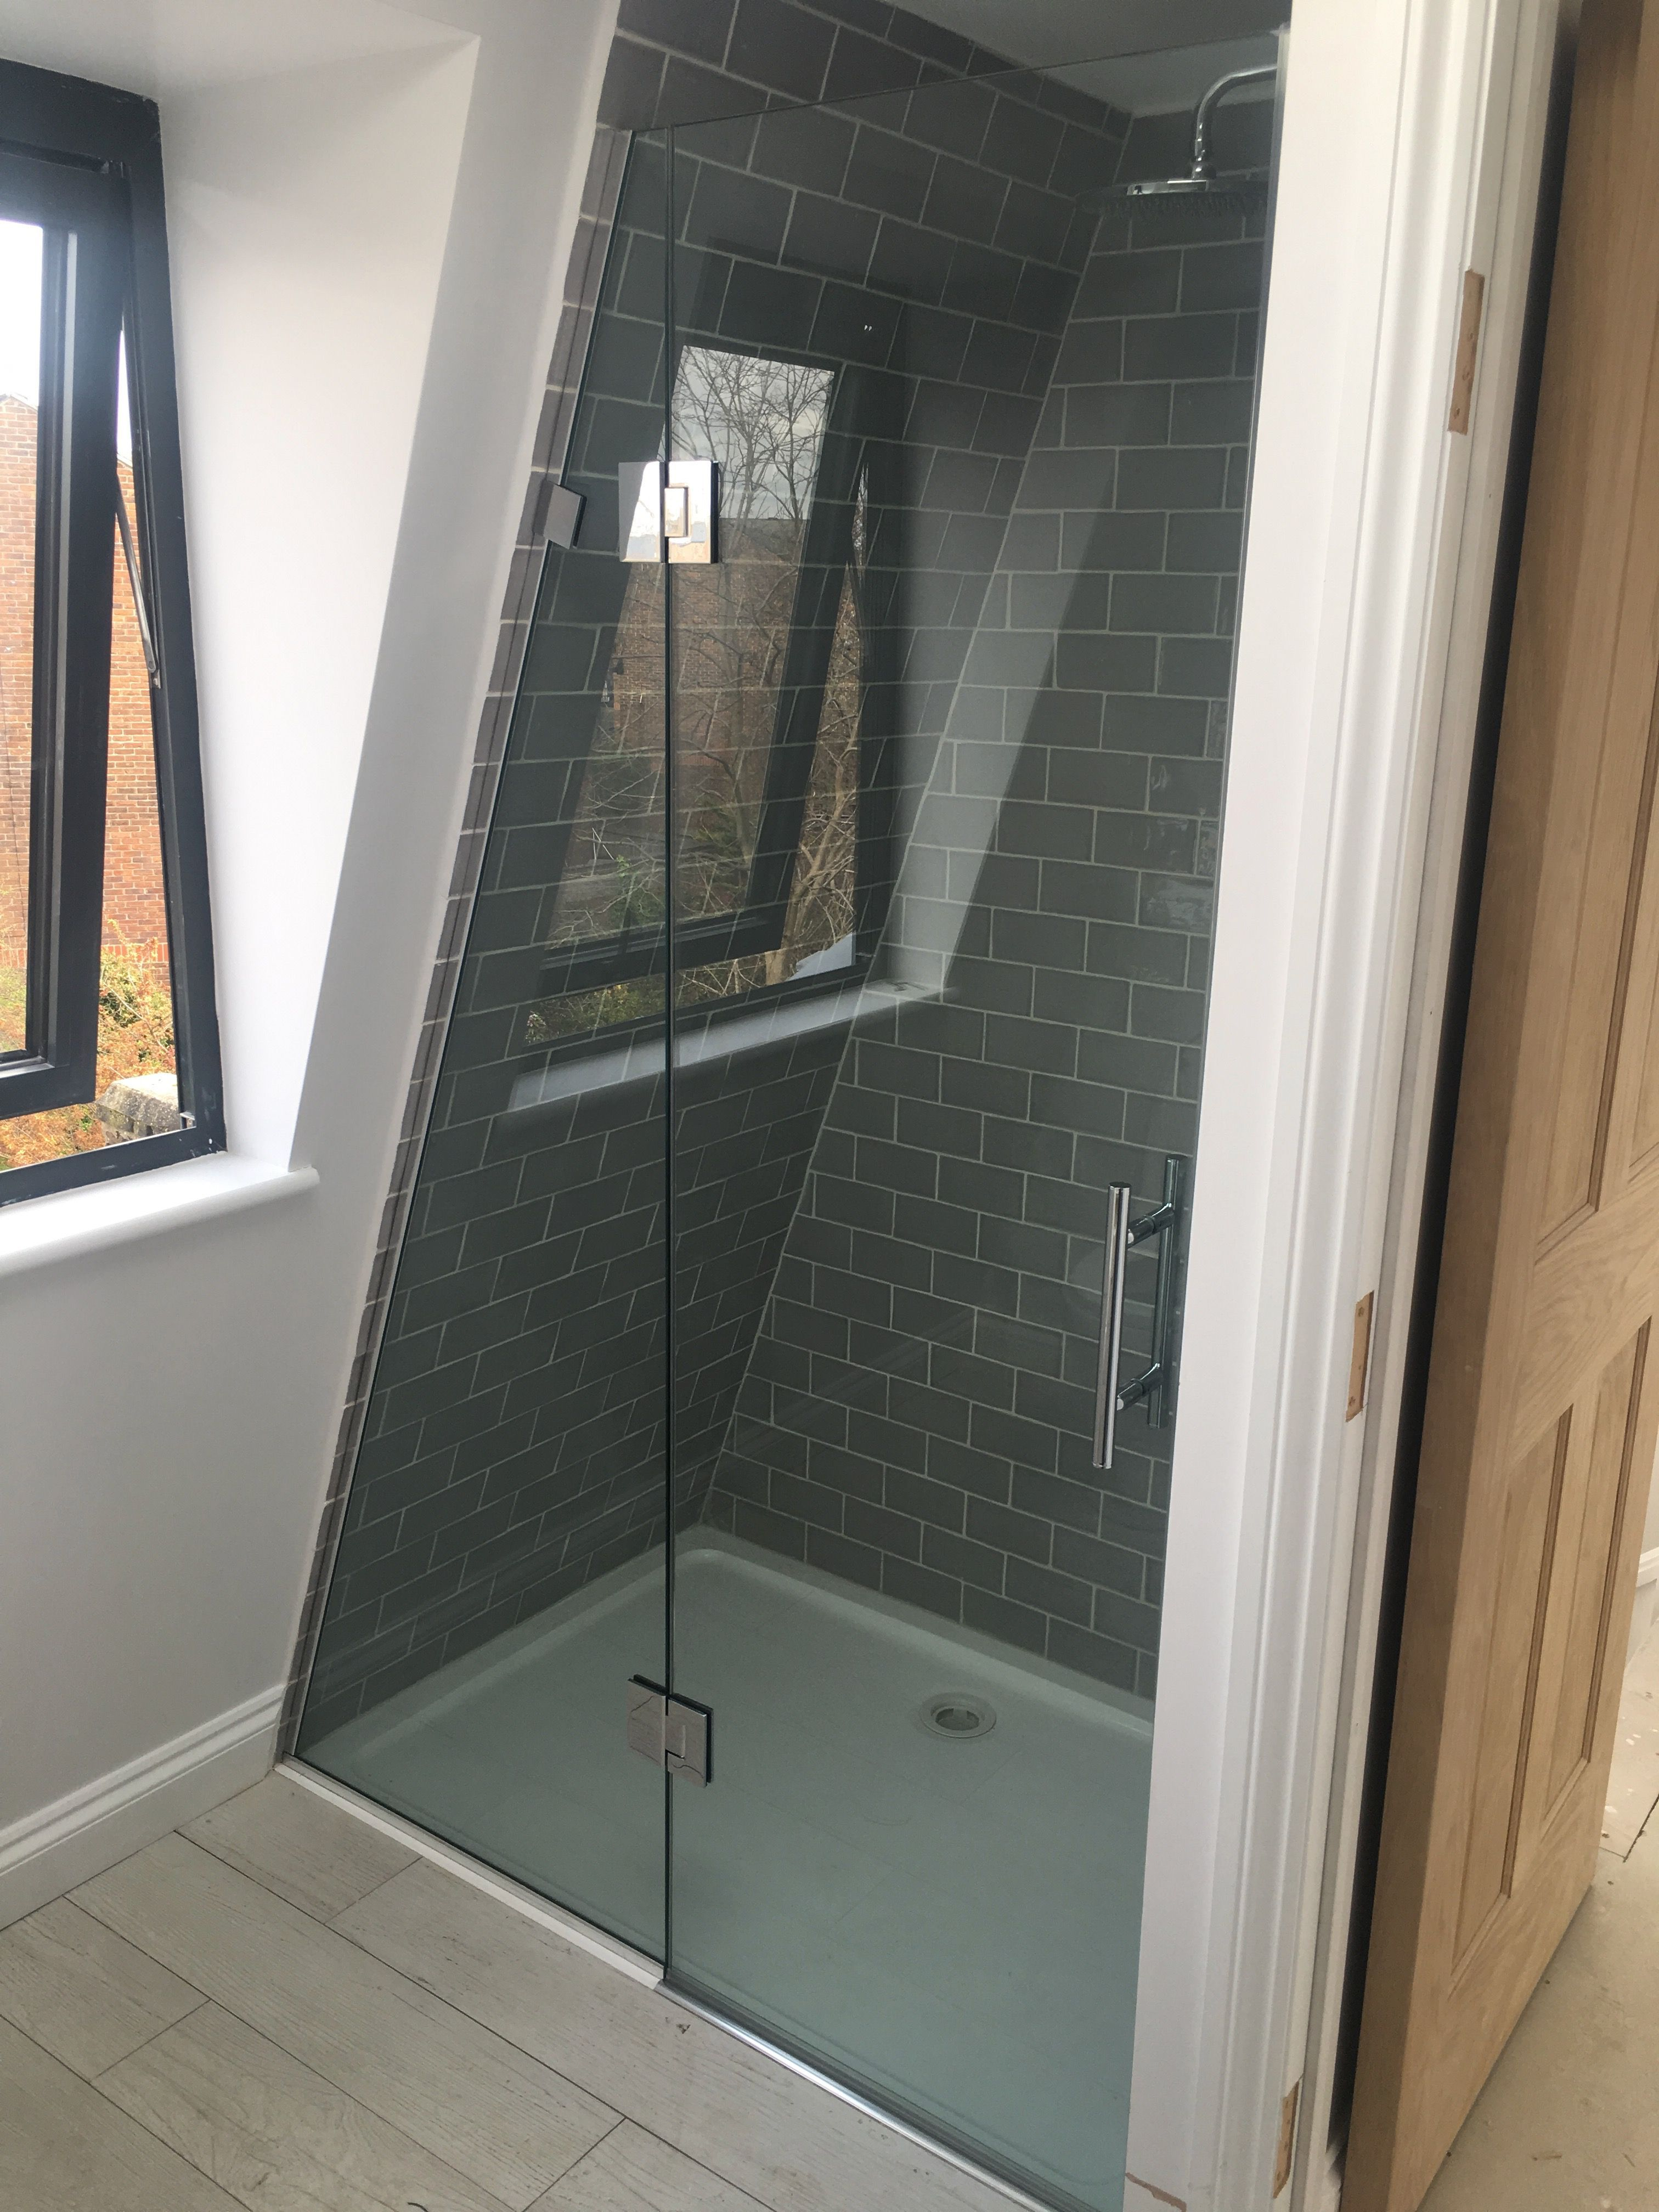 19 Inconceivable Attic Layout Ideas Loft Bathroom Loft Ensuite